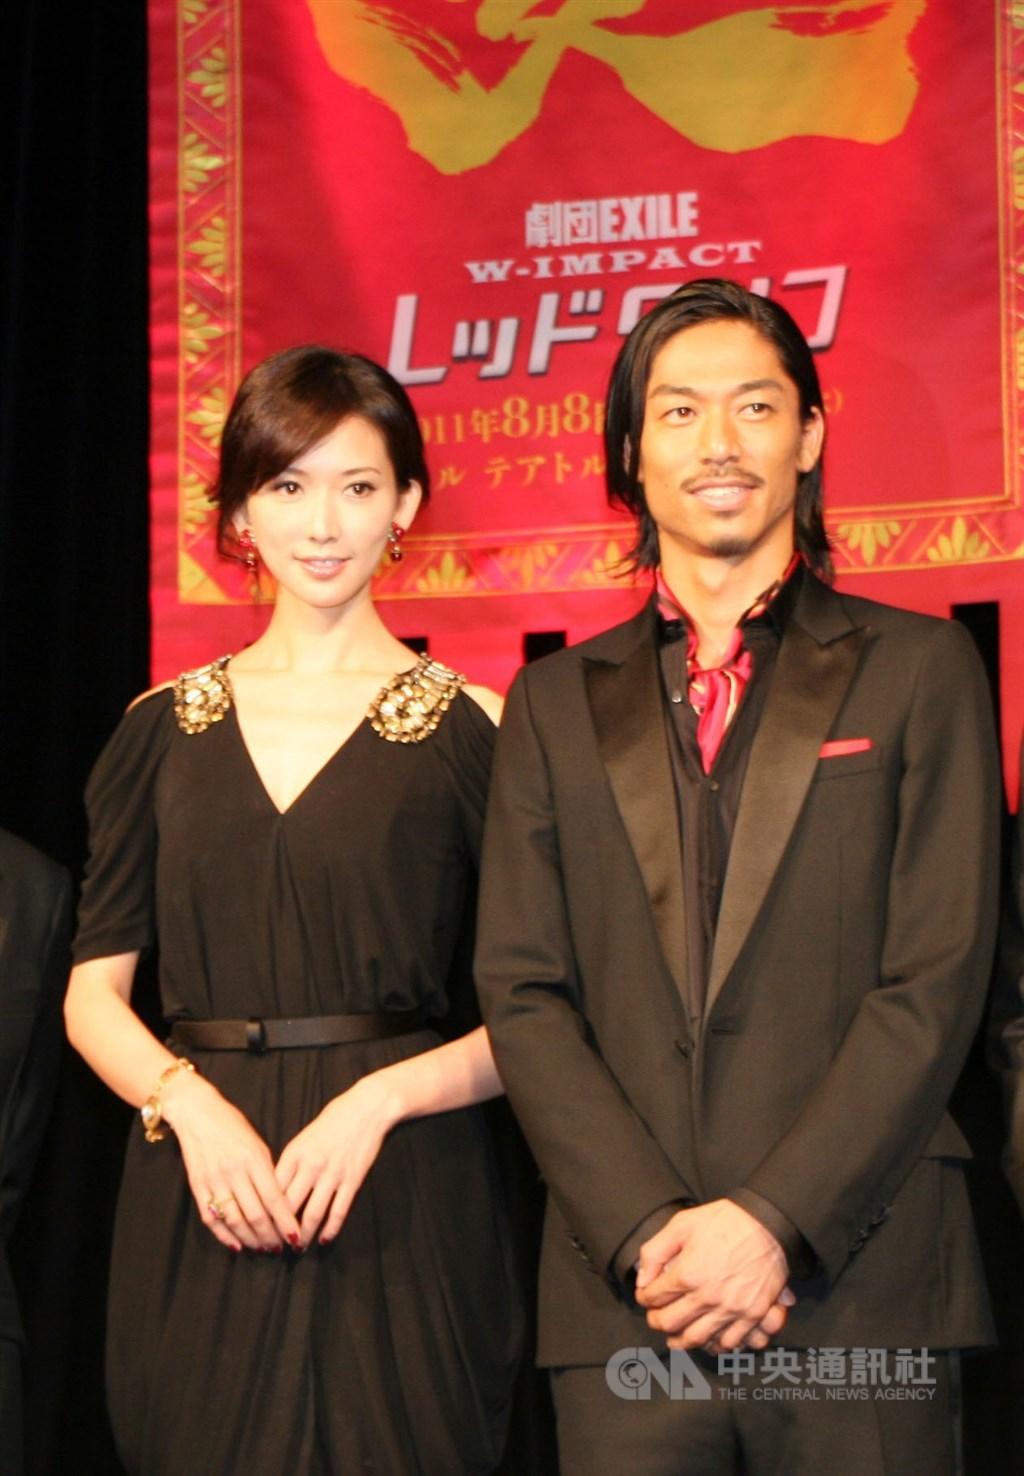 林志玲6日與日本男星AKIRA閃婚,兩人結緣於2011年舞台劇「赤壁」。(中央社檔案照片)